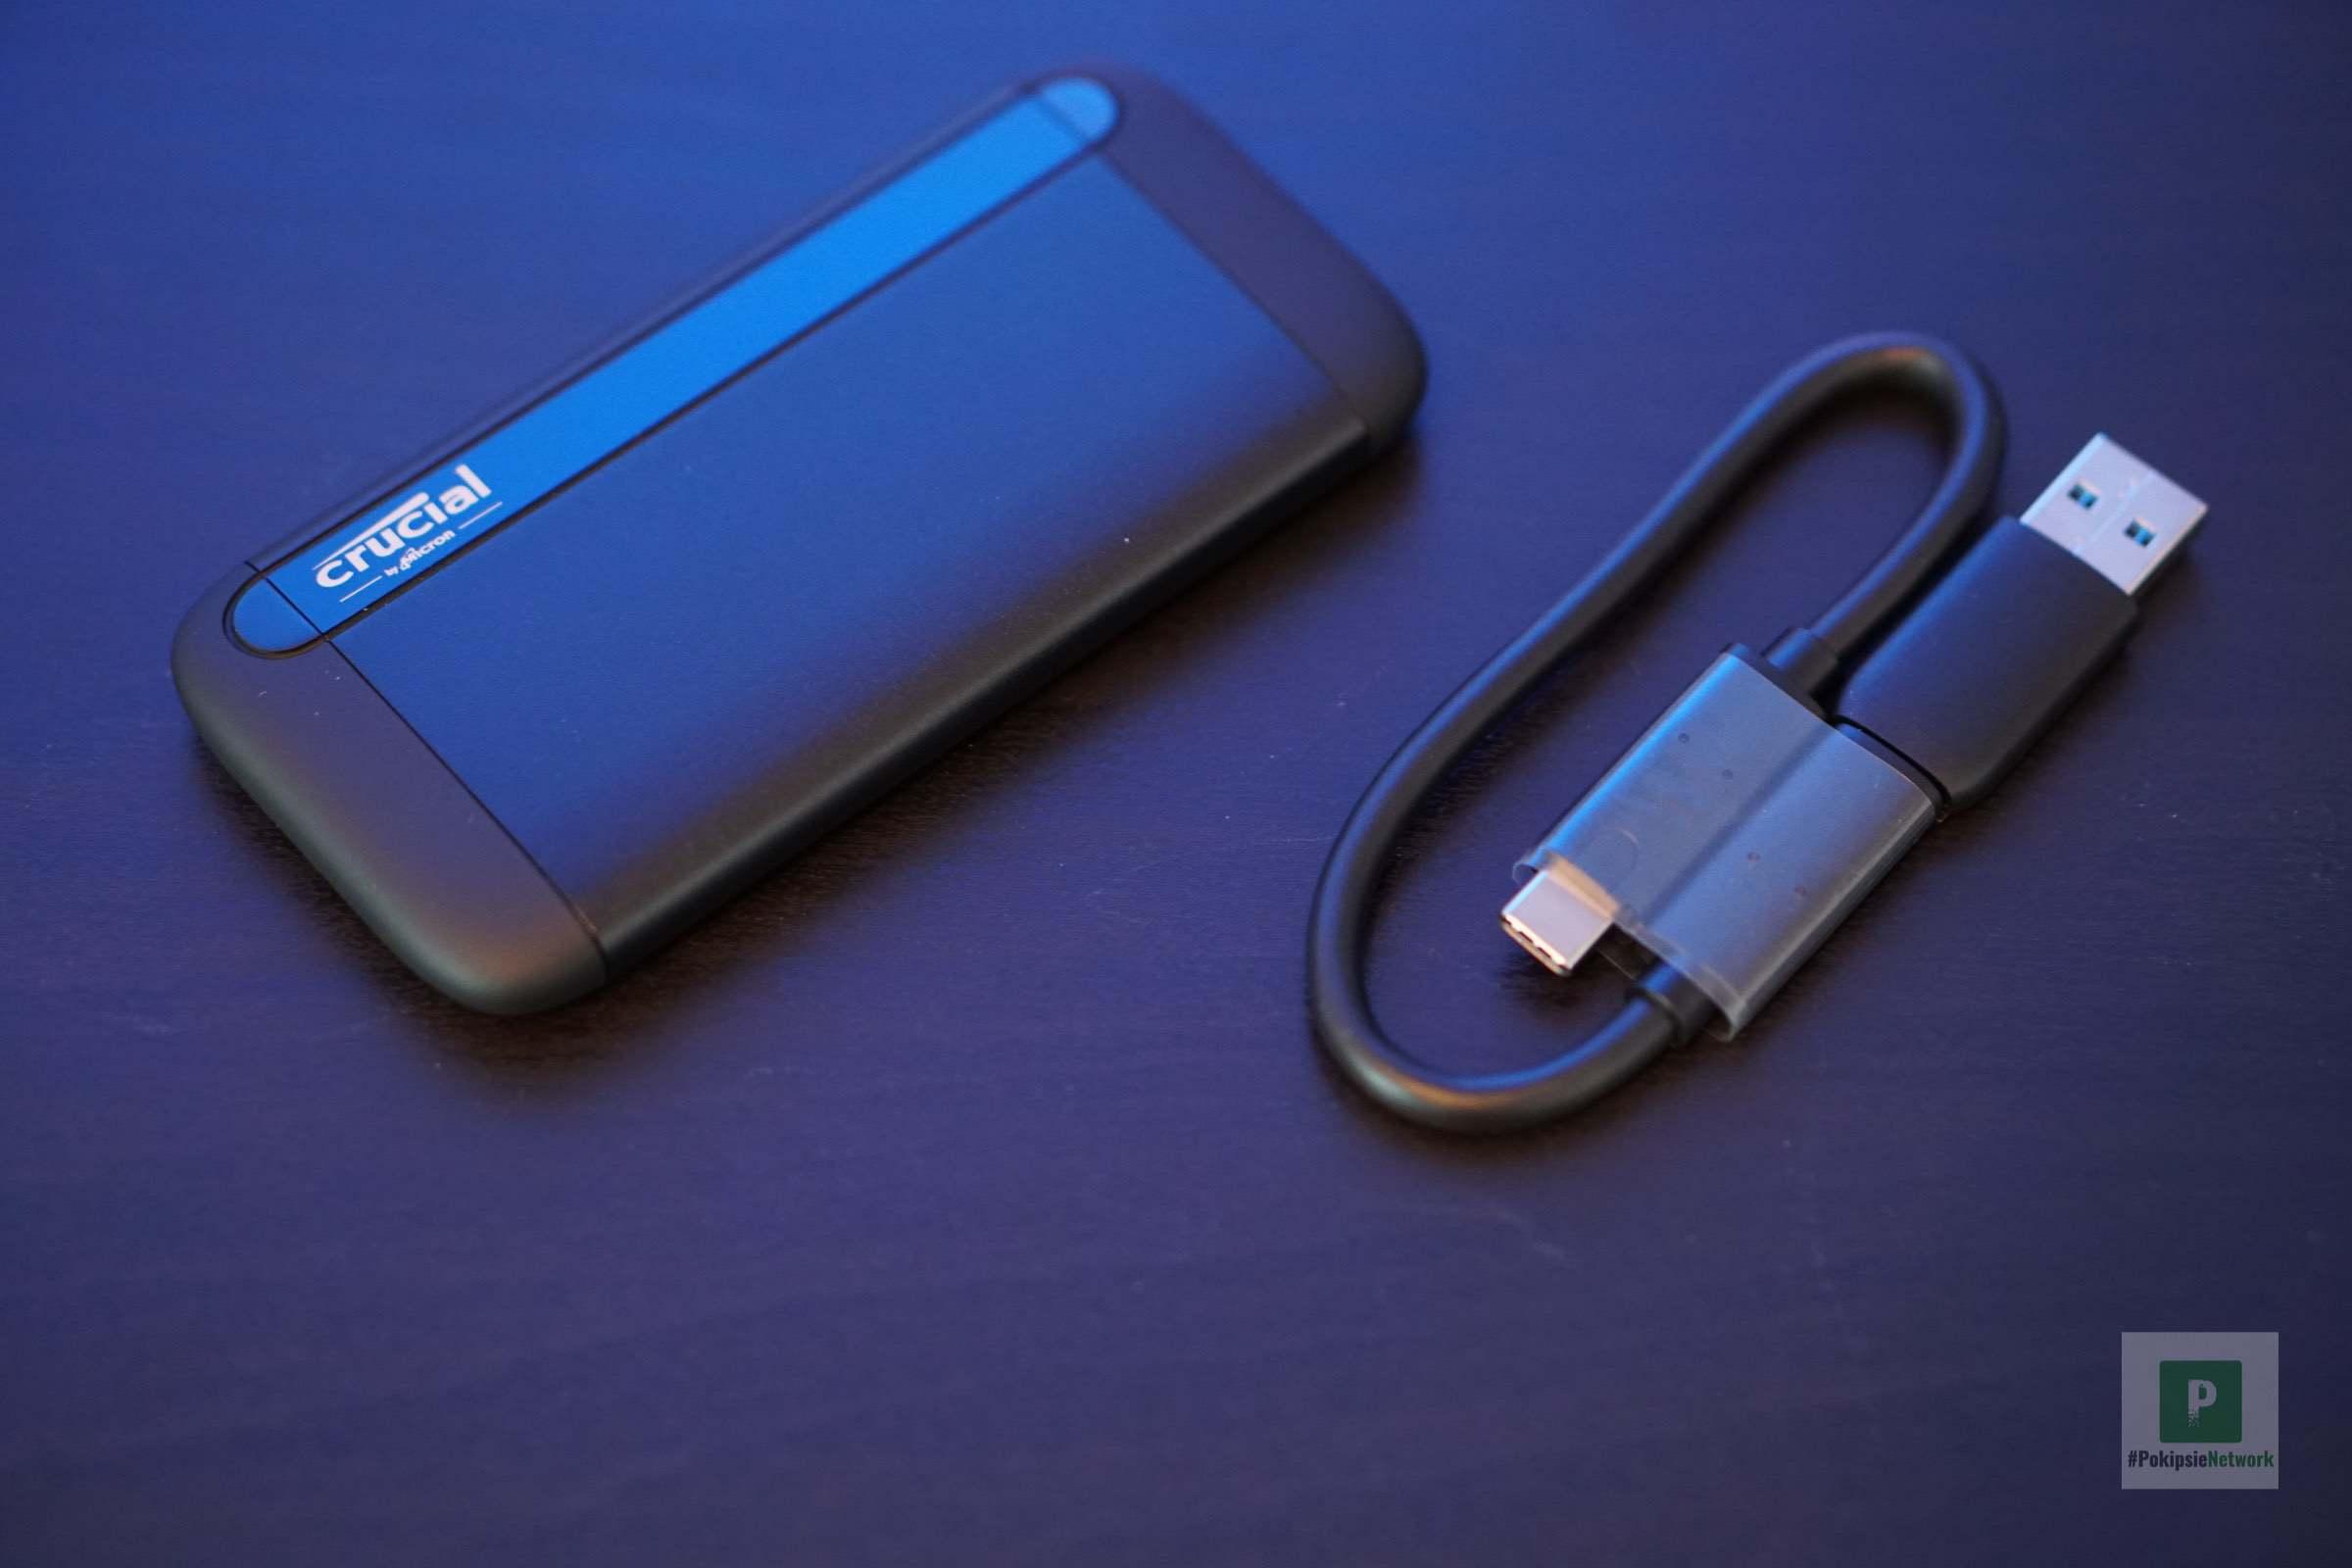 Die SSD und das dazugehörige Kabel